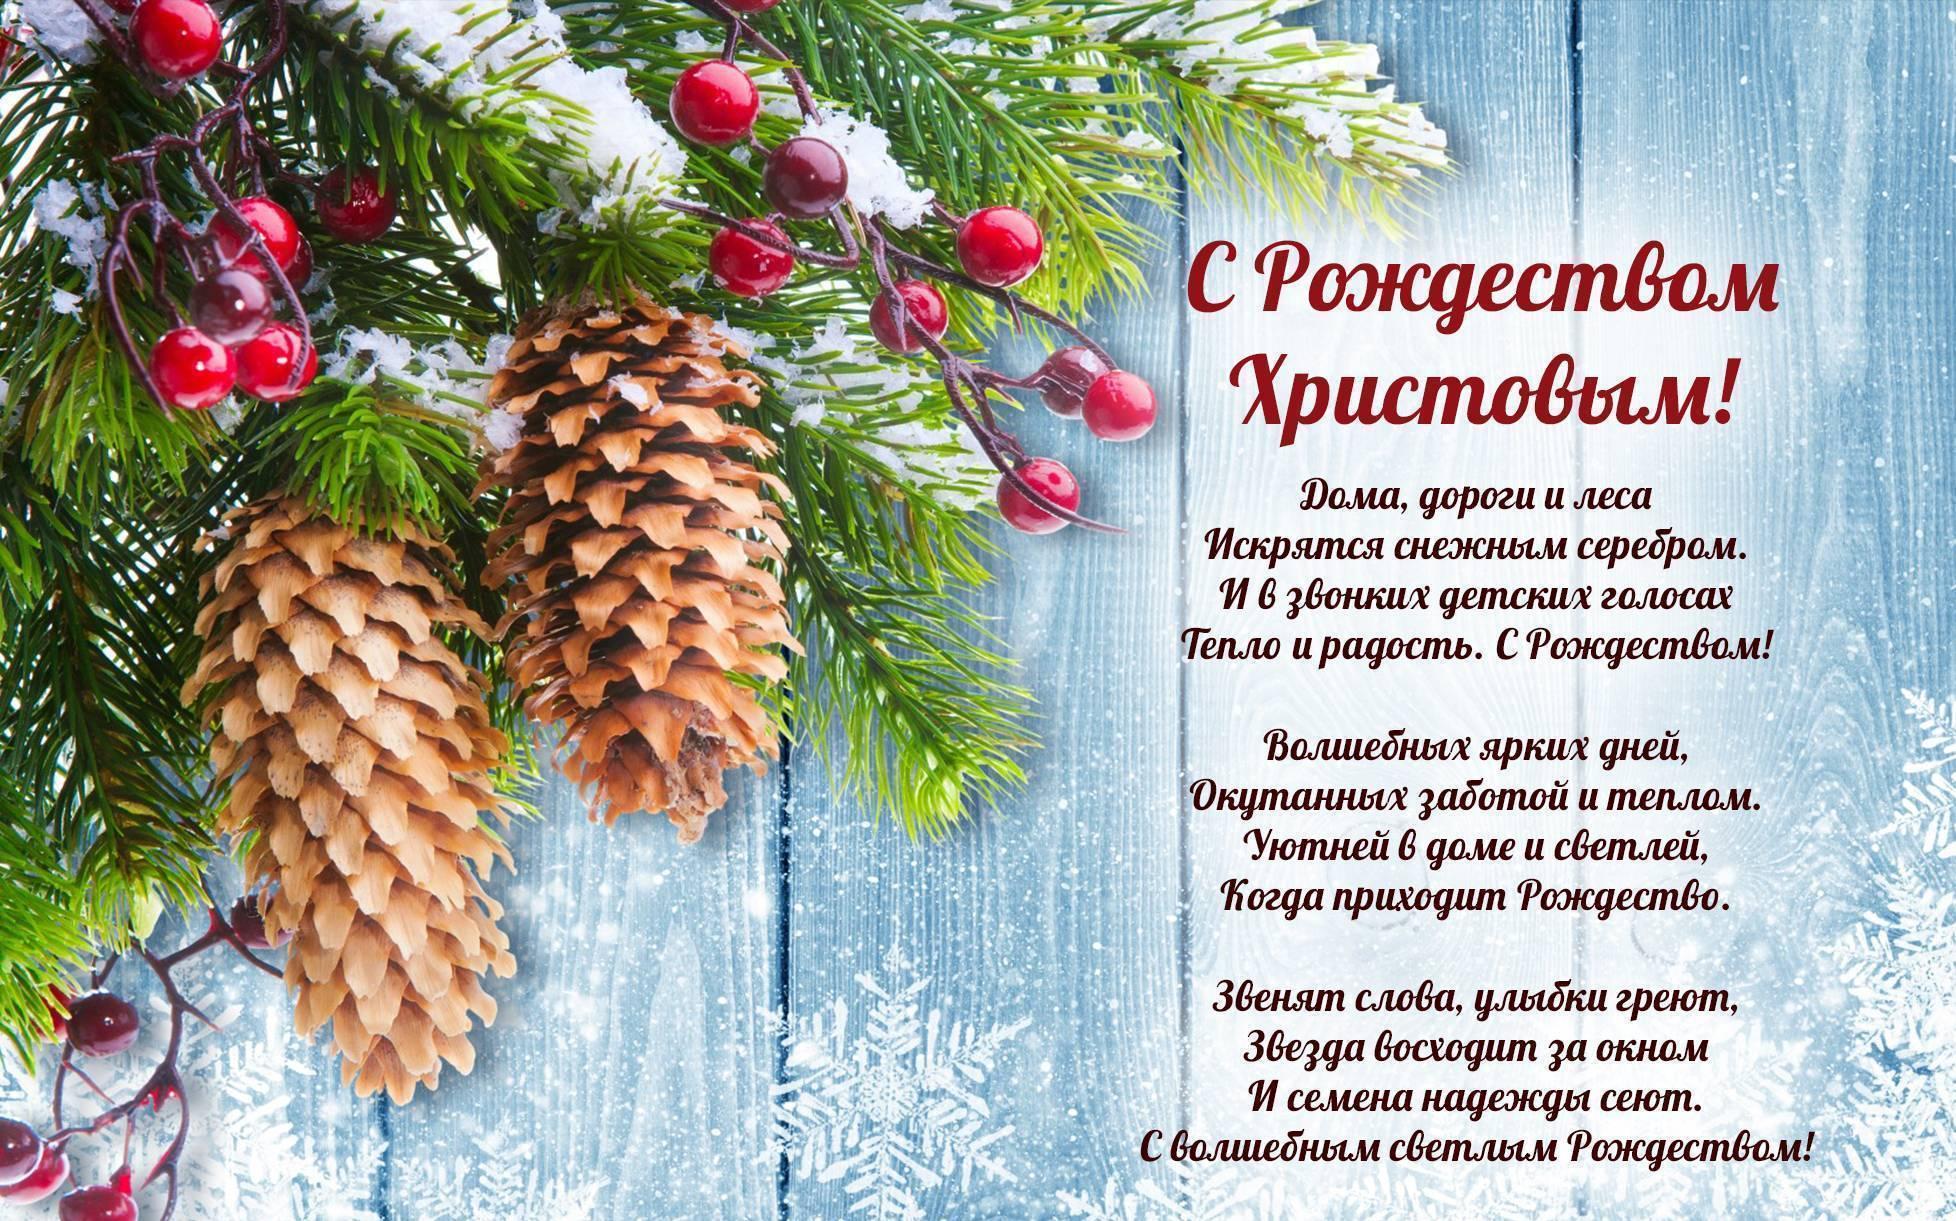 Поздравления с рождеством 2020 подруге: в стихах и прозе - новости и события: праздники, игры, экономика